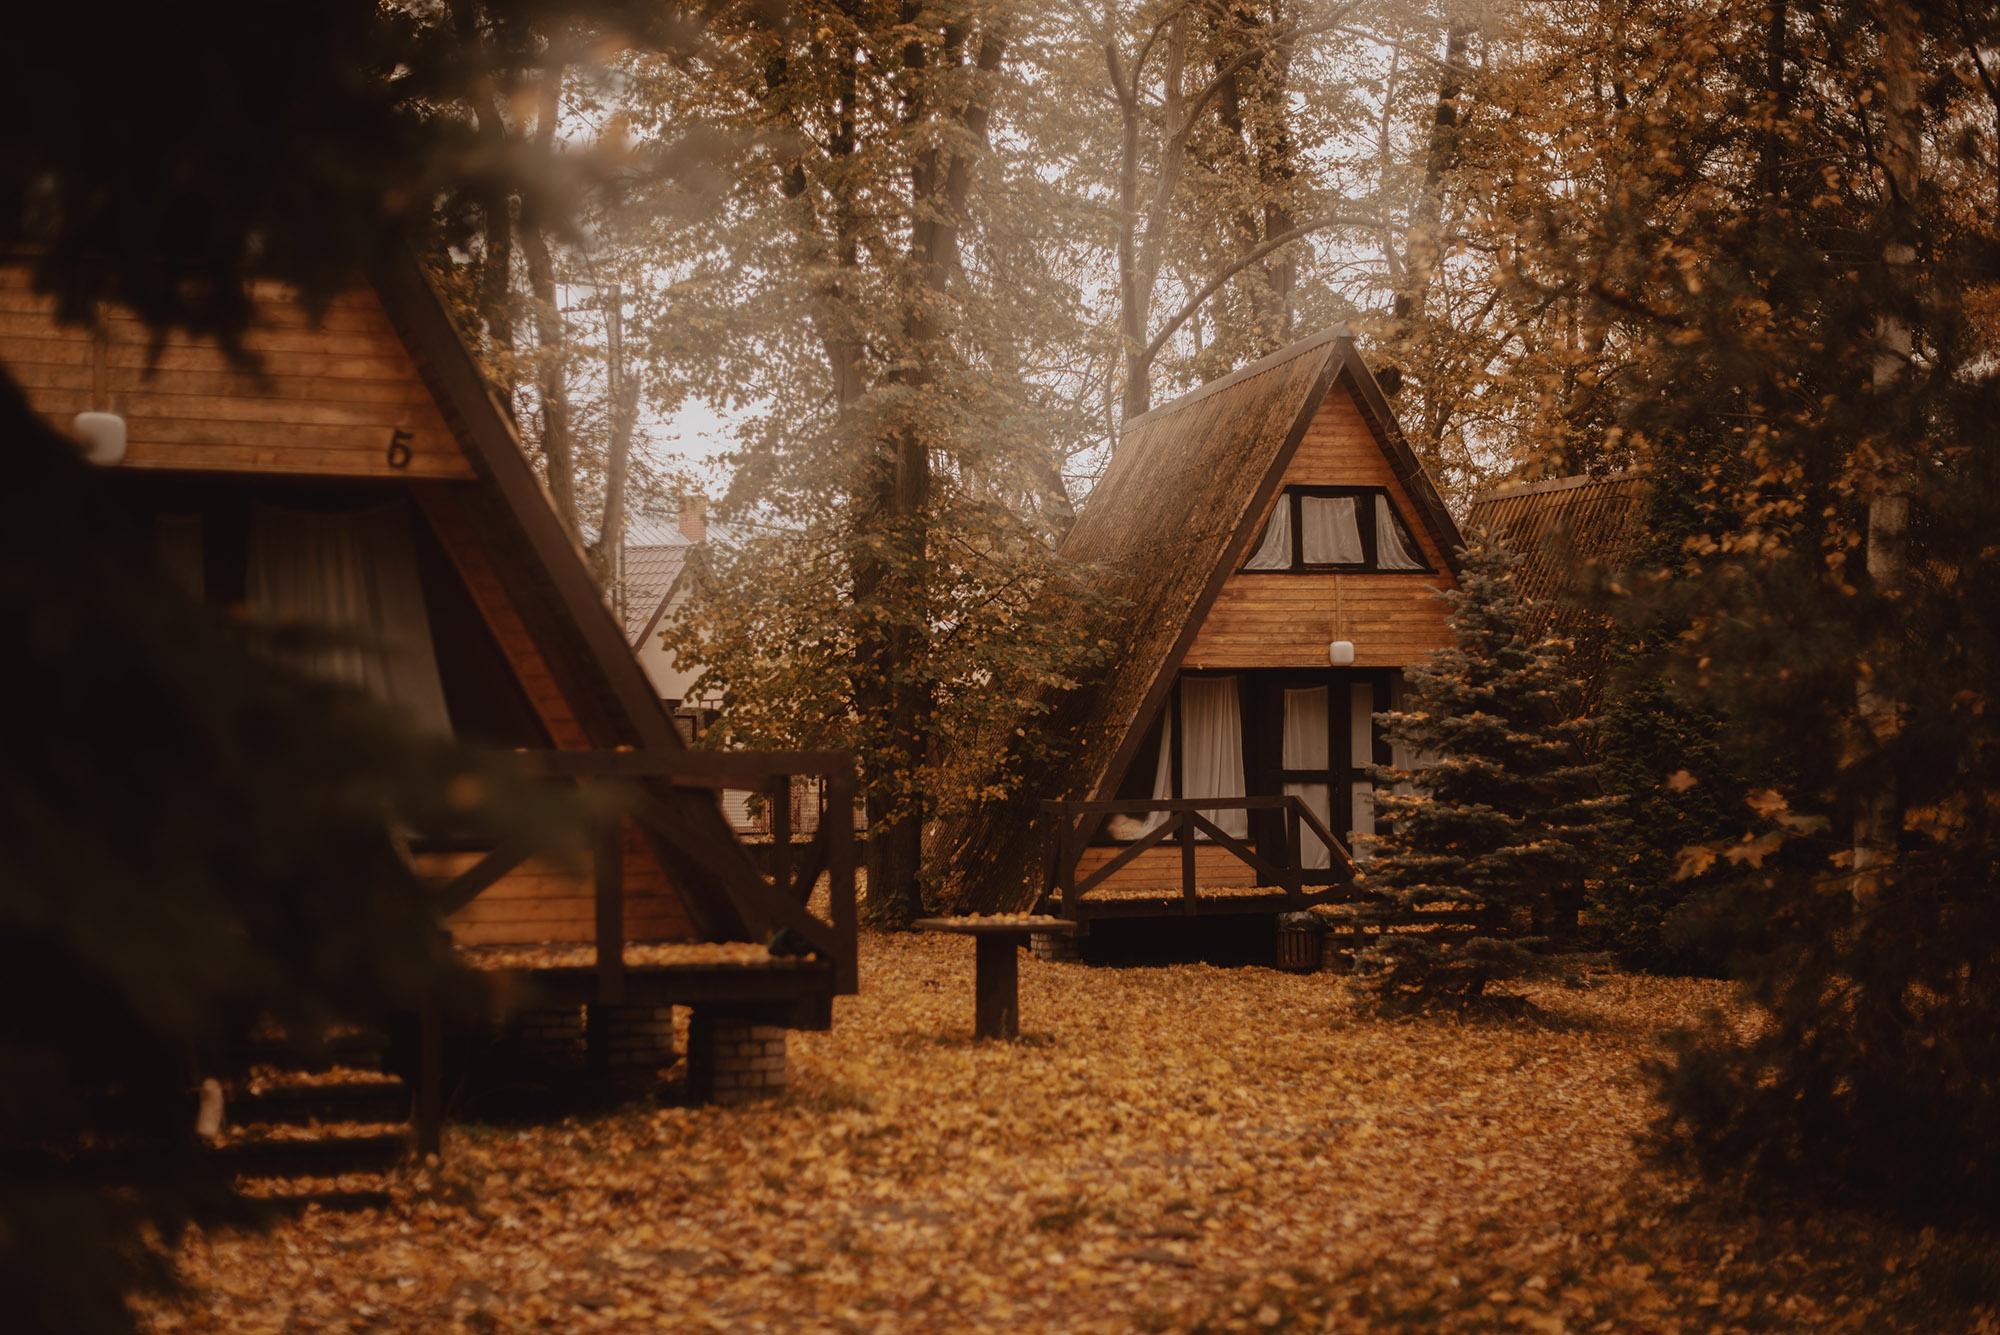 Jesienna sesja narzeczenska00001 - Jesienna sesja narzeczeńska